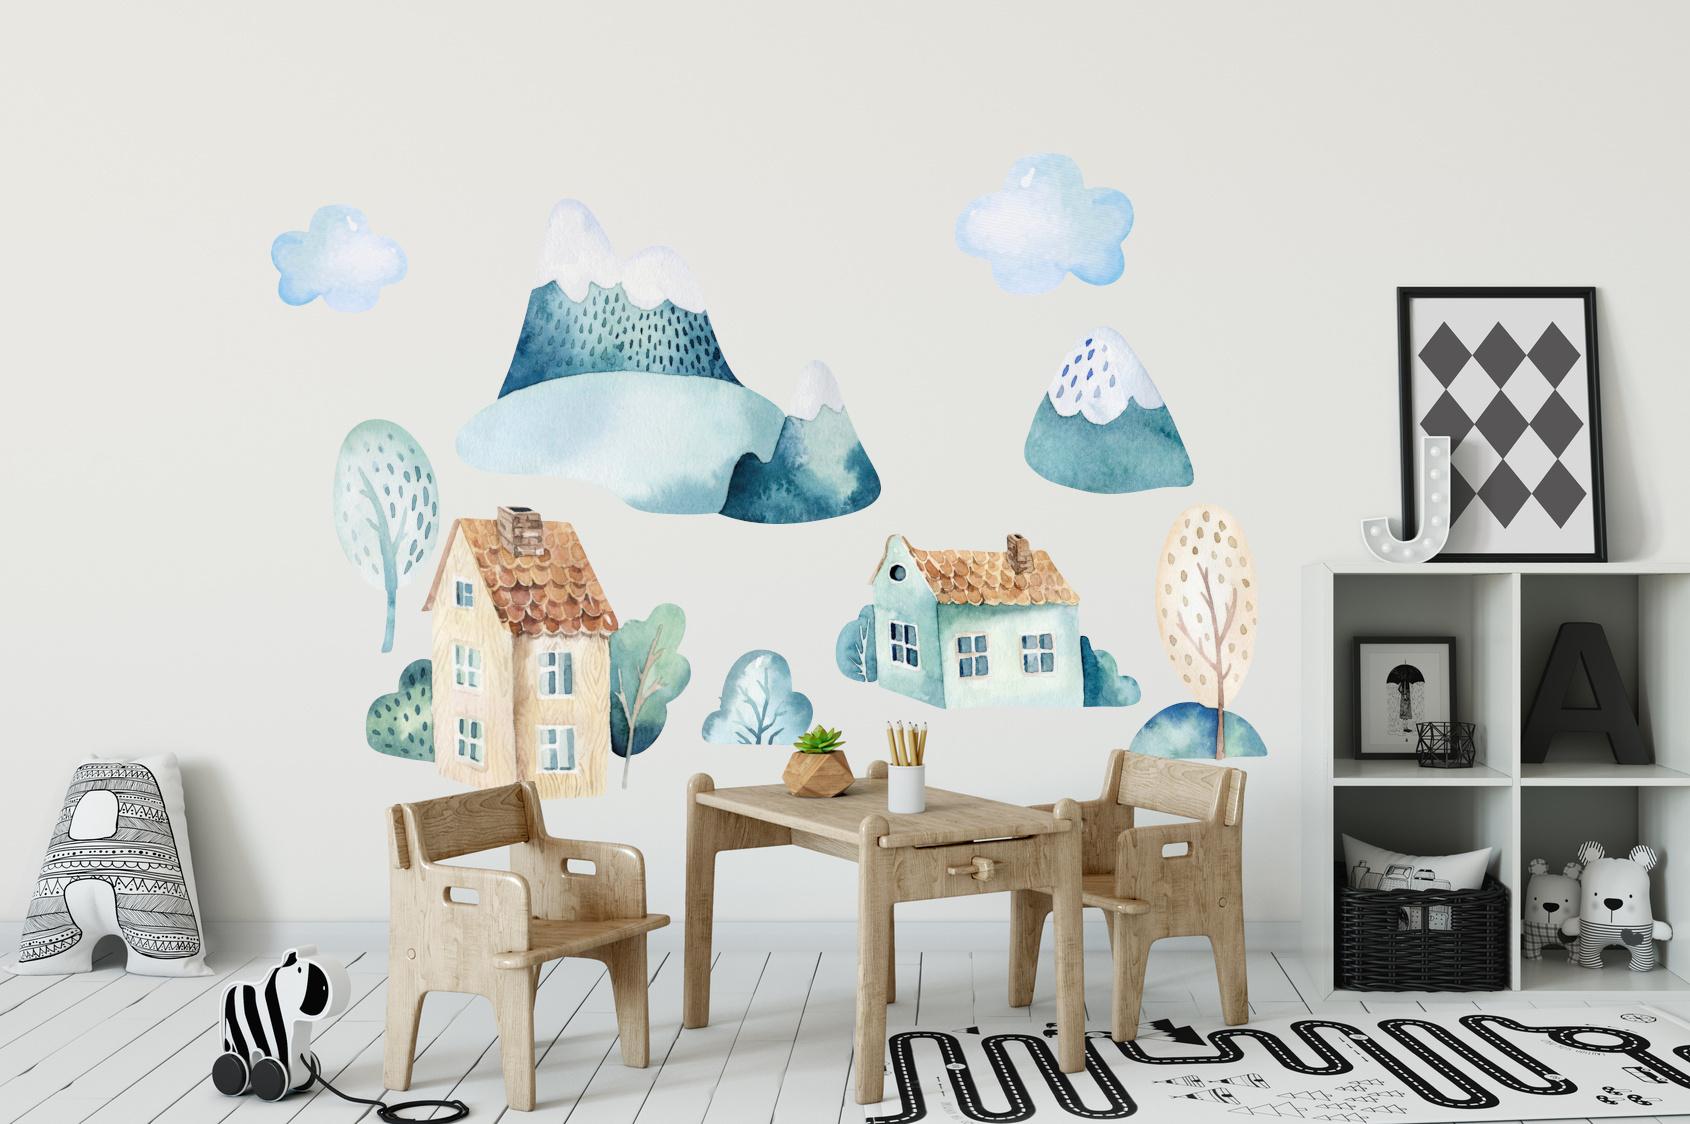 wizualizacja arkusz domki.jpg